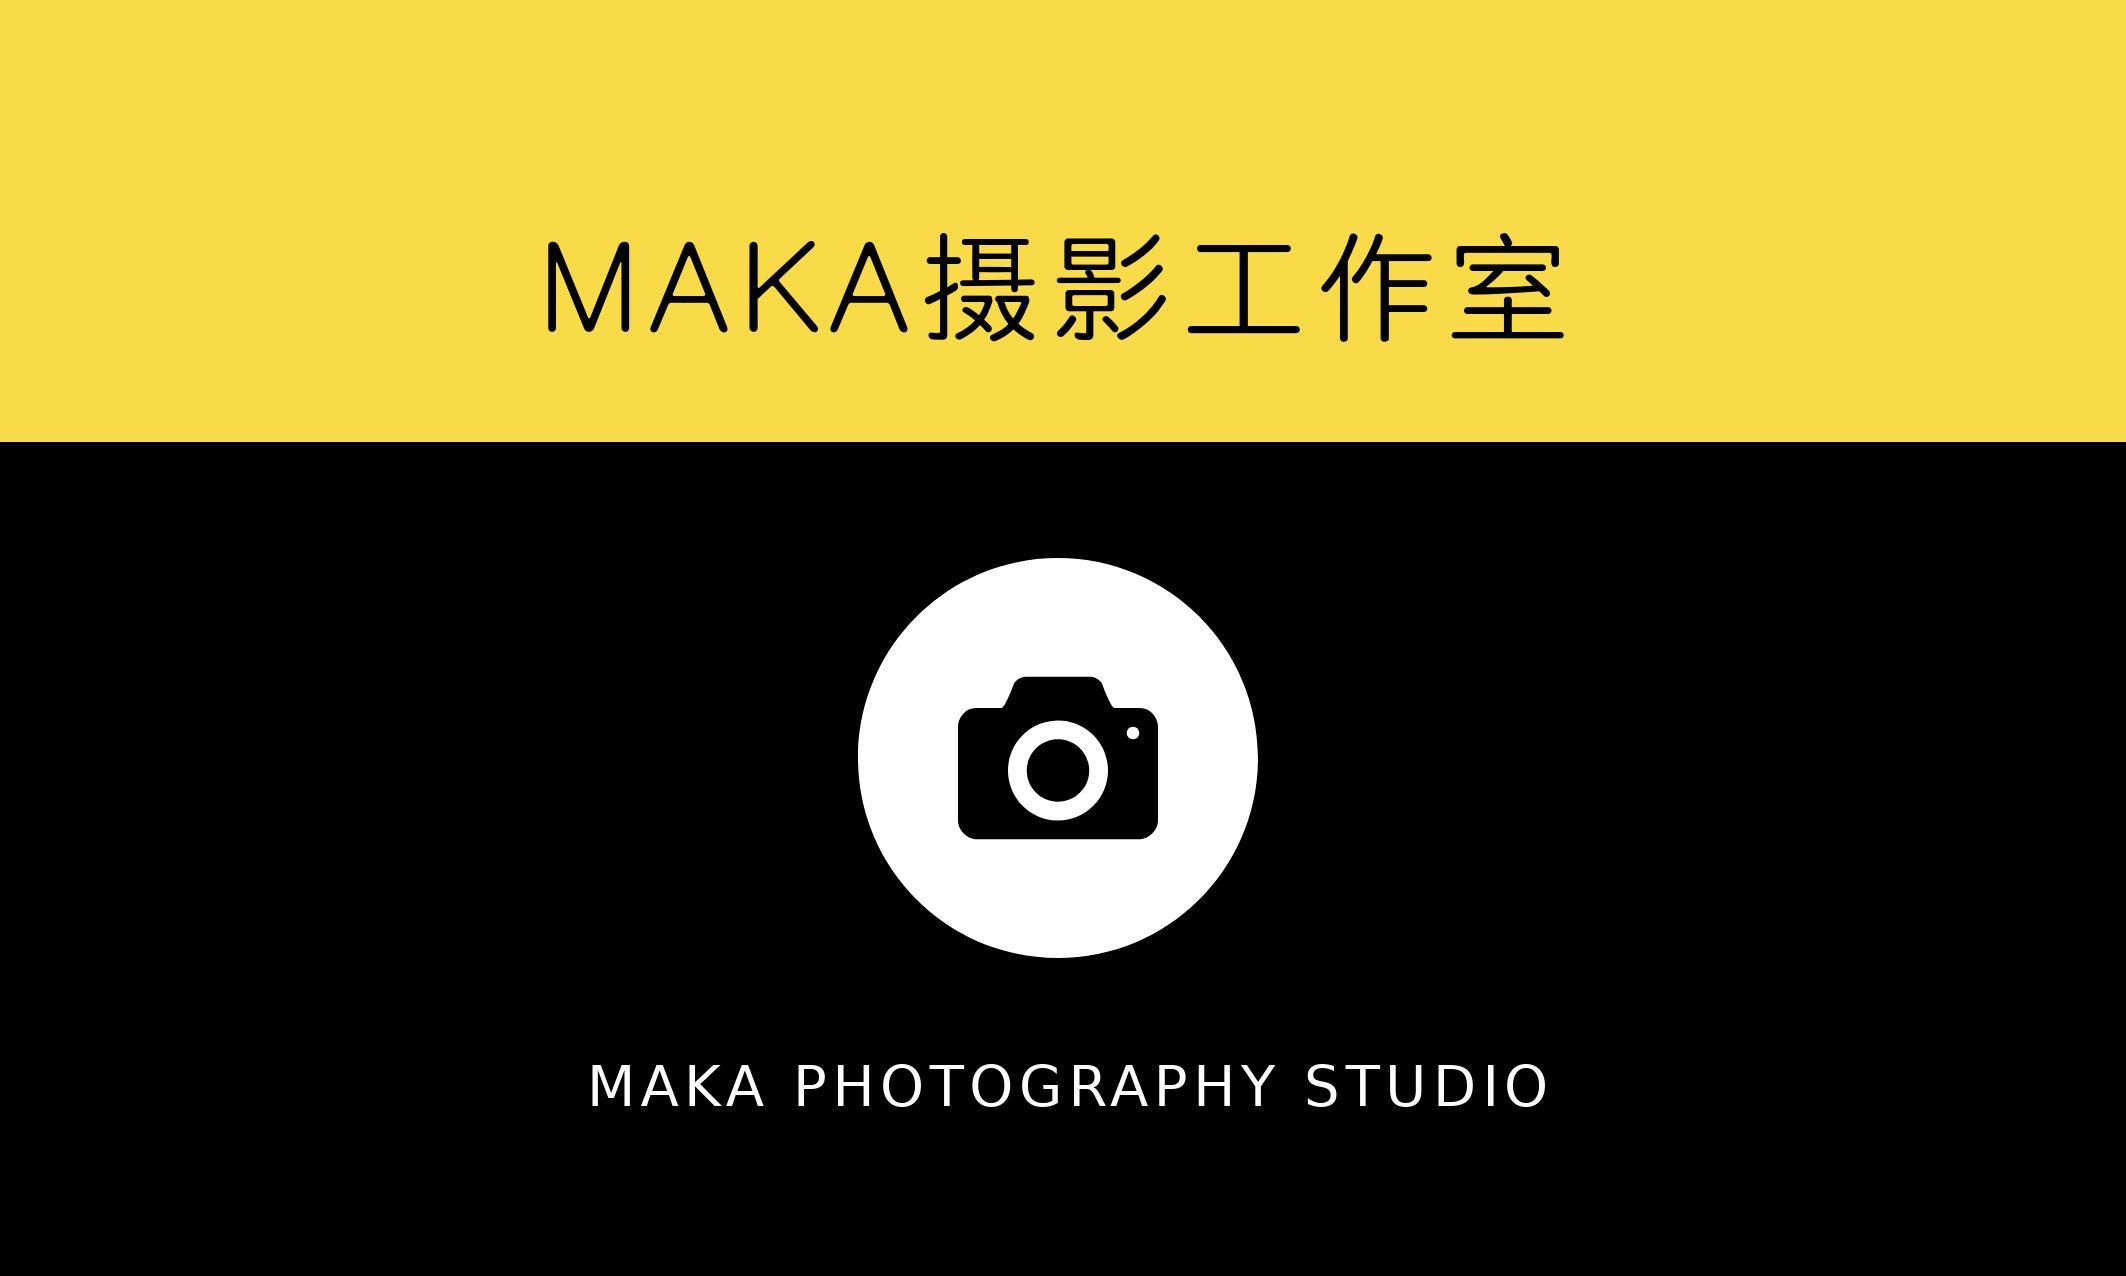 黄黑搭配摄影工作室简约个人名片